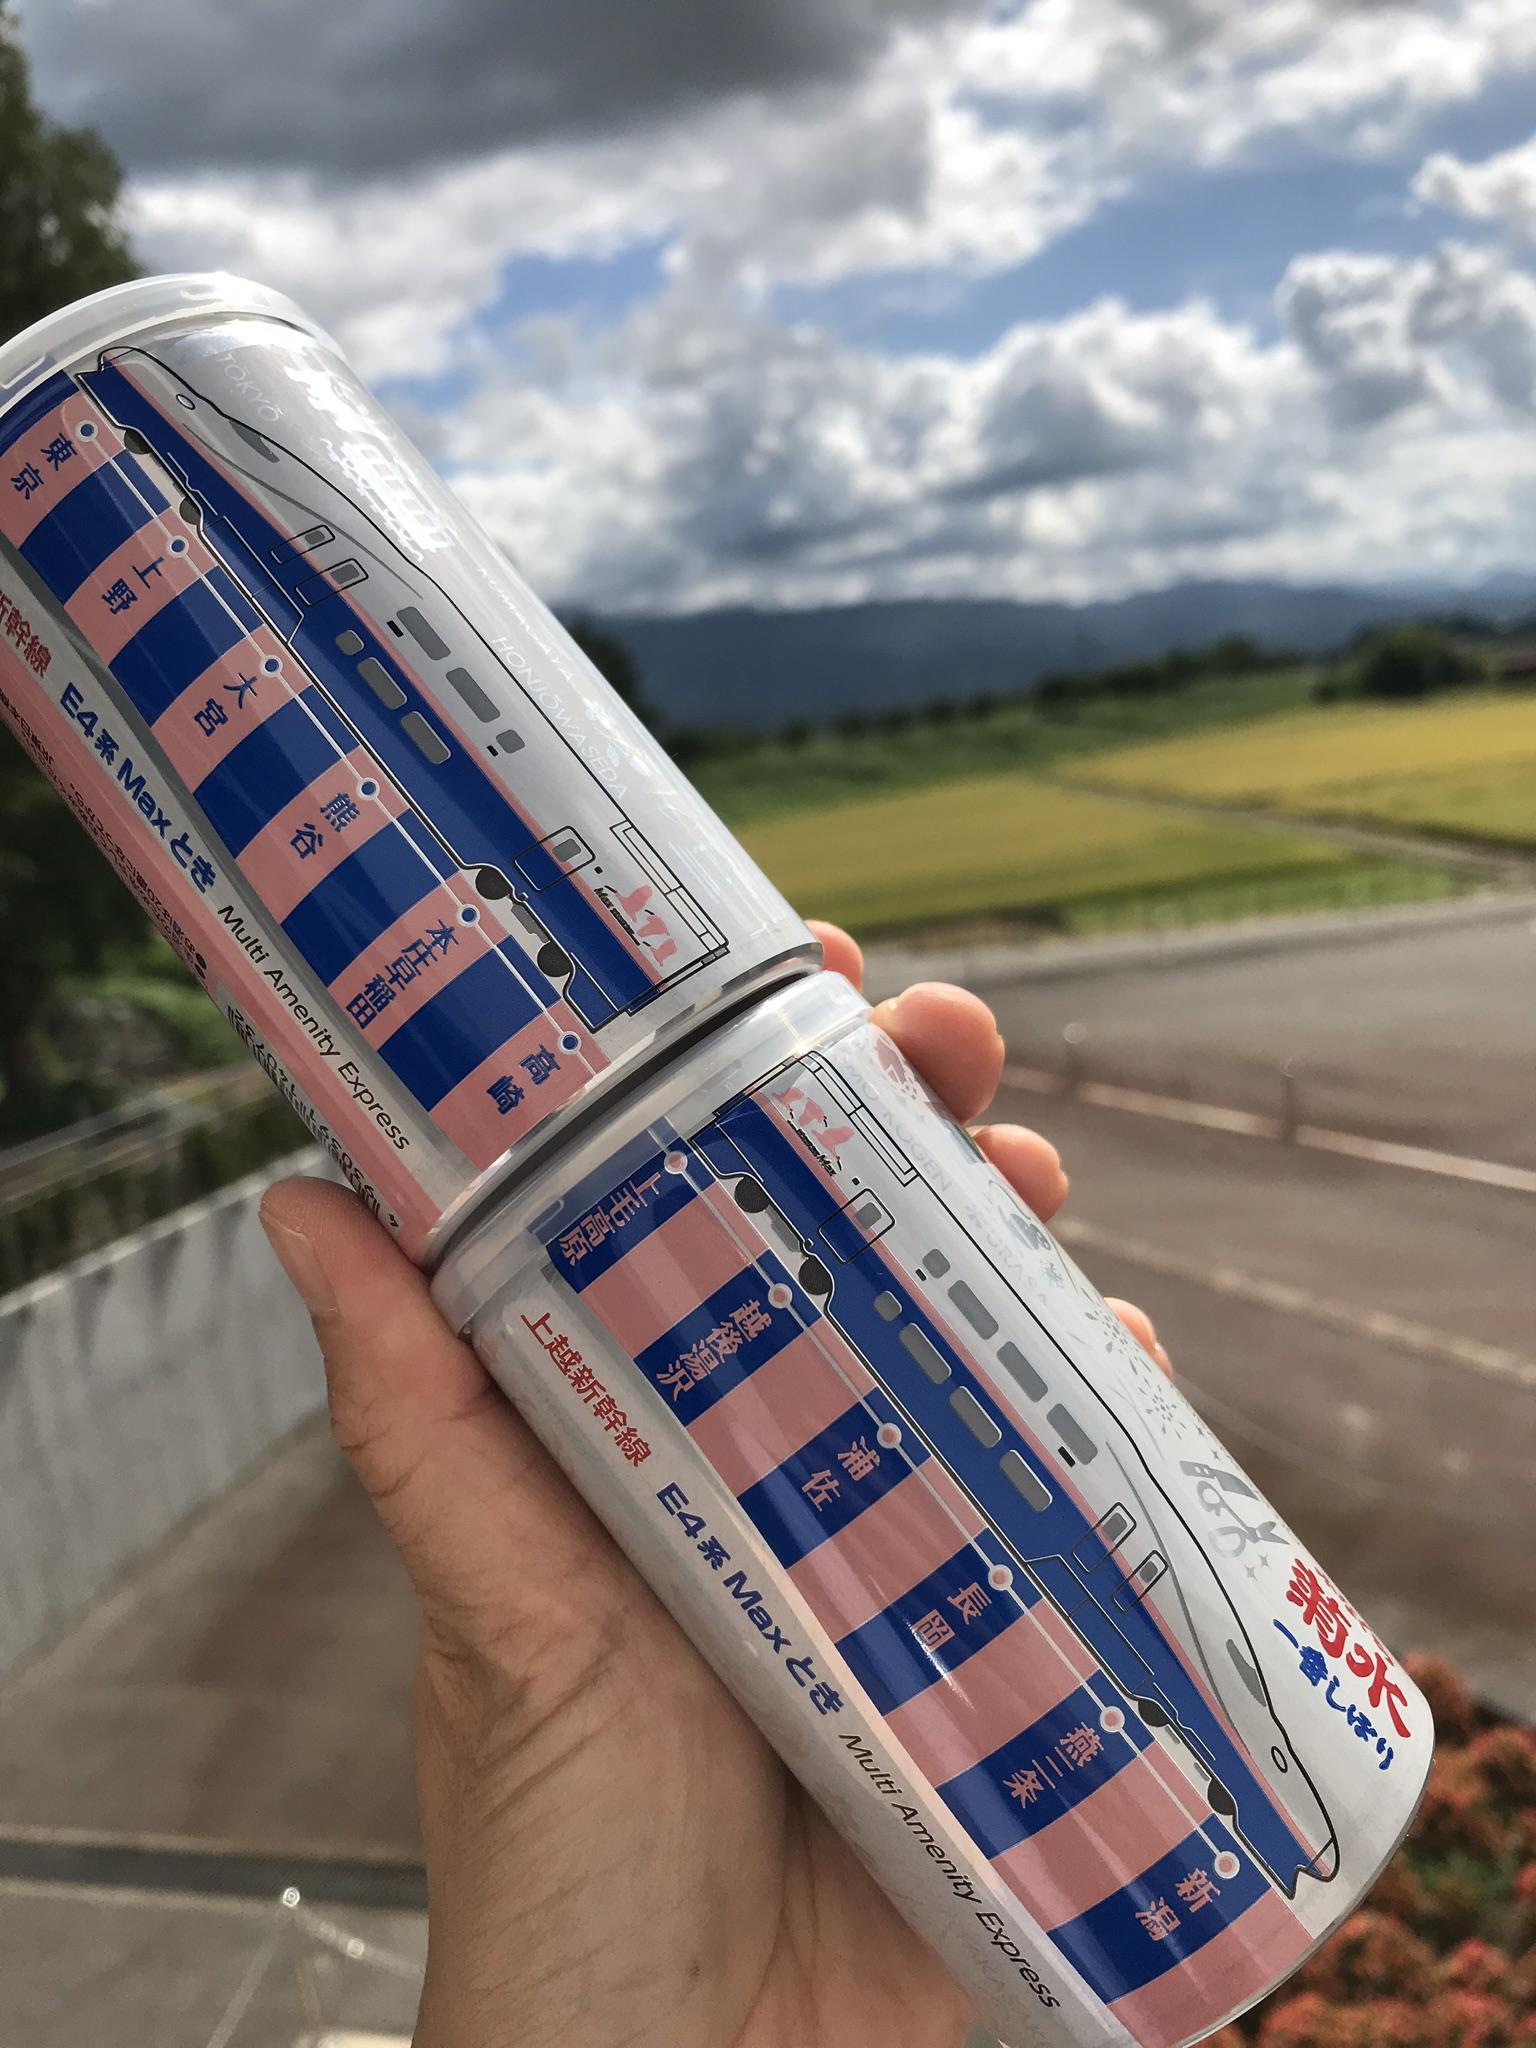 ありがとう、E4系。10月1日は新幹線Maxときデザインのふなぐちで乾杯。